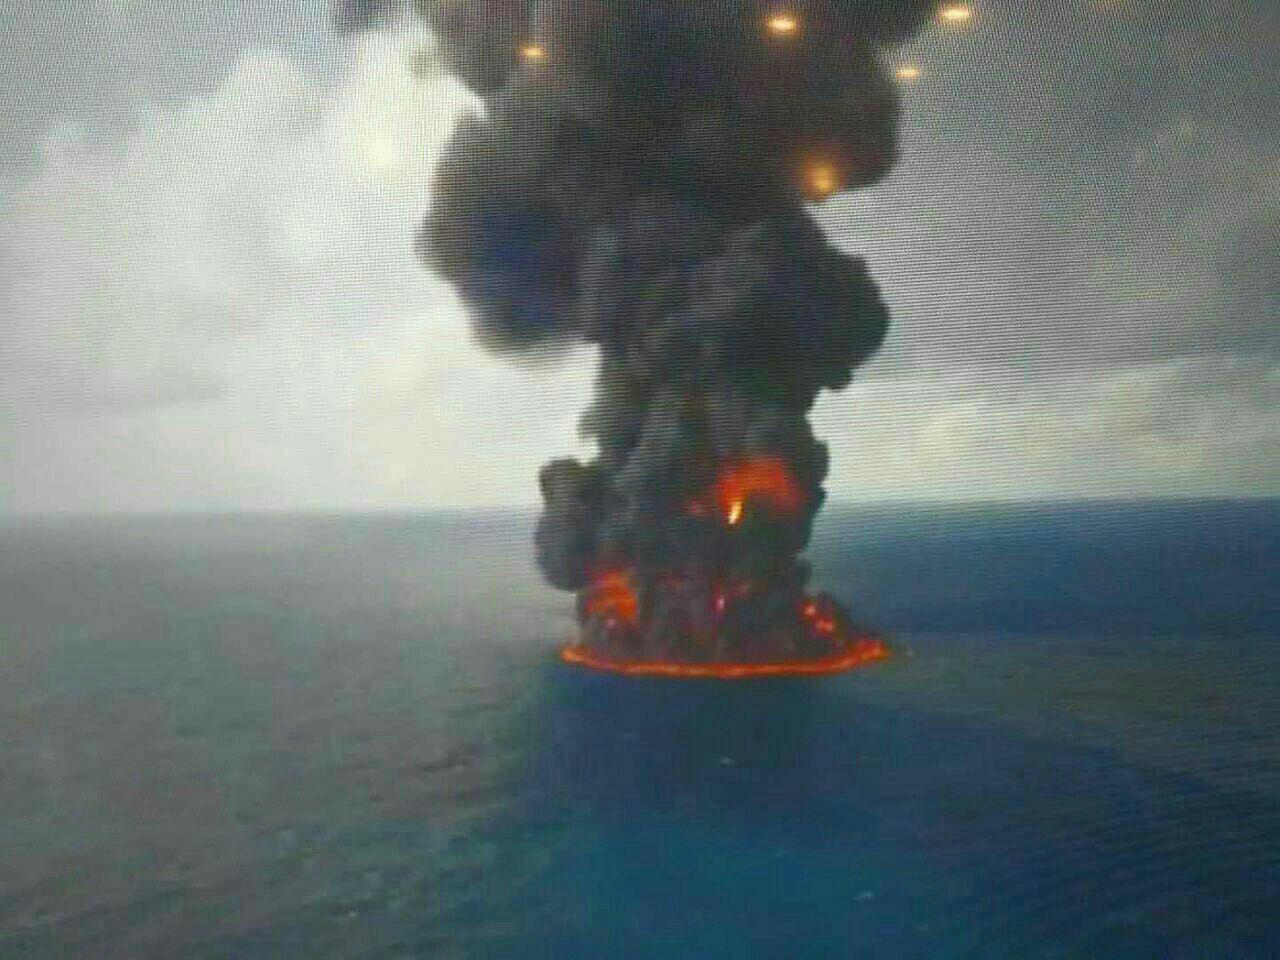 علت غرق شدن کشتی سانچی هفته آینده اعلام میشود